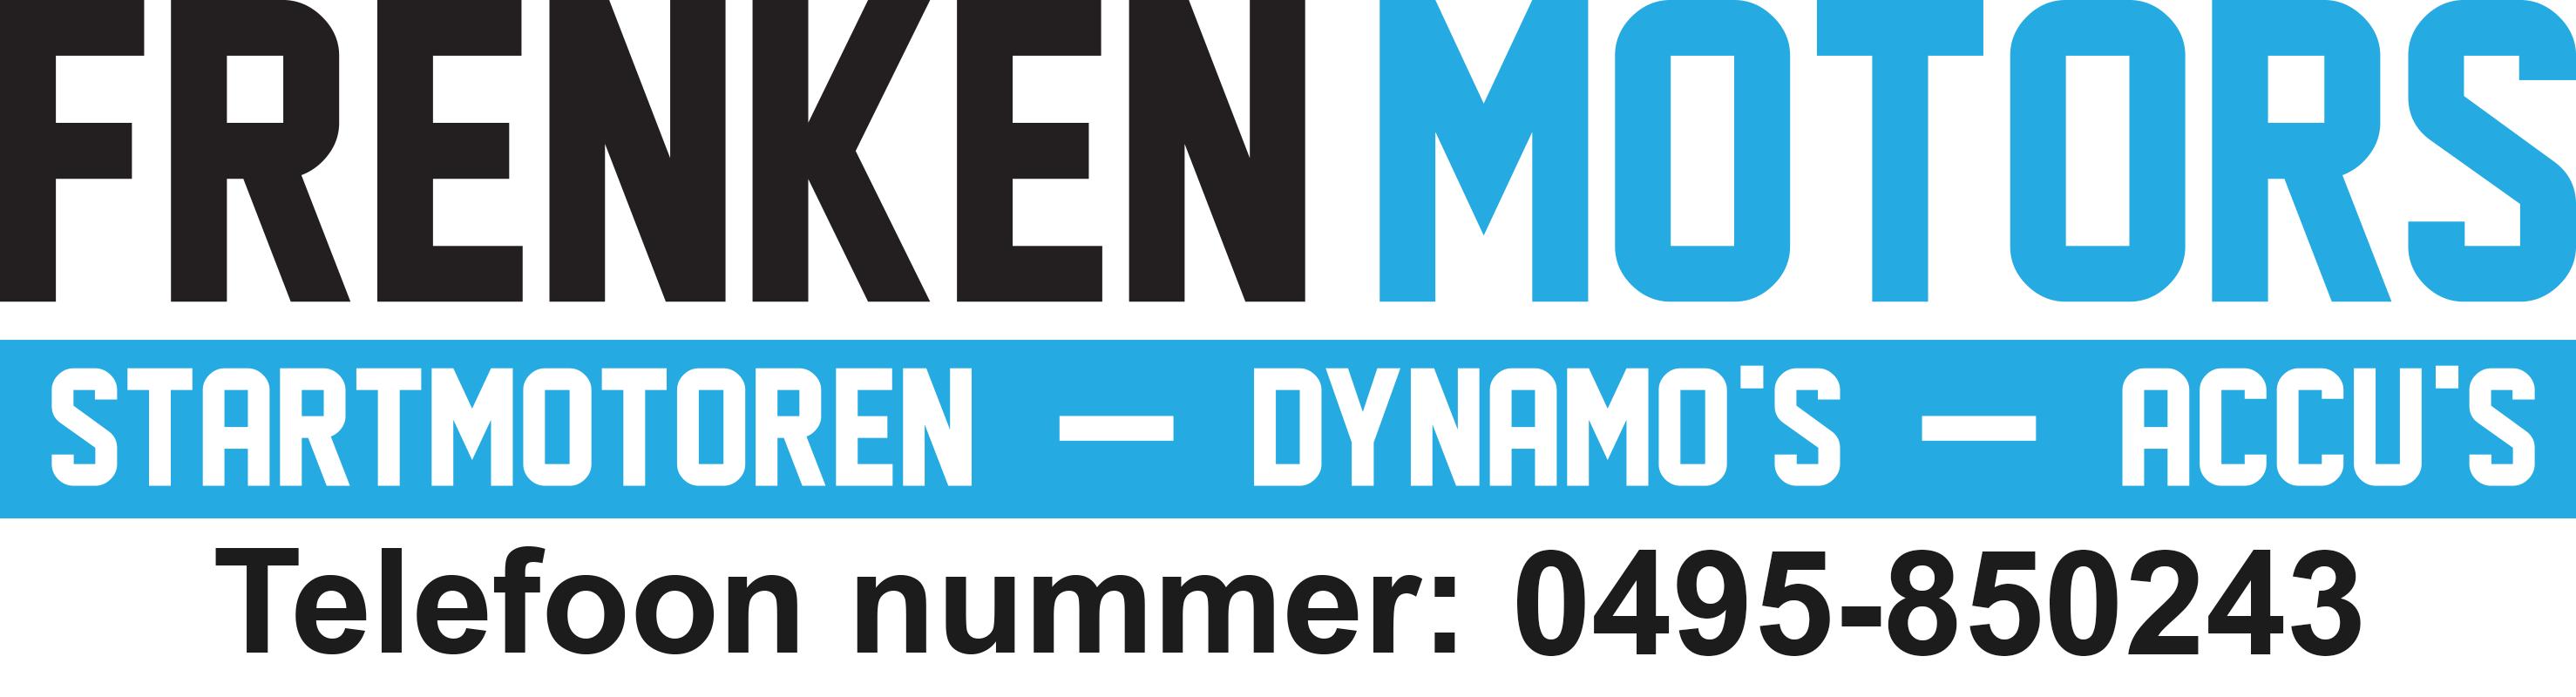 Starters & Dynamo's